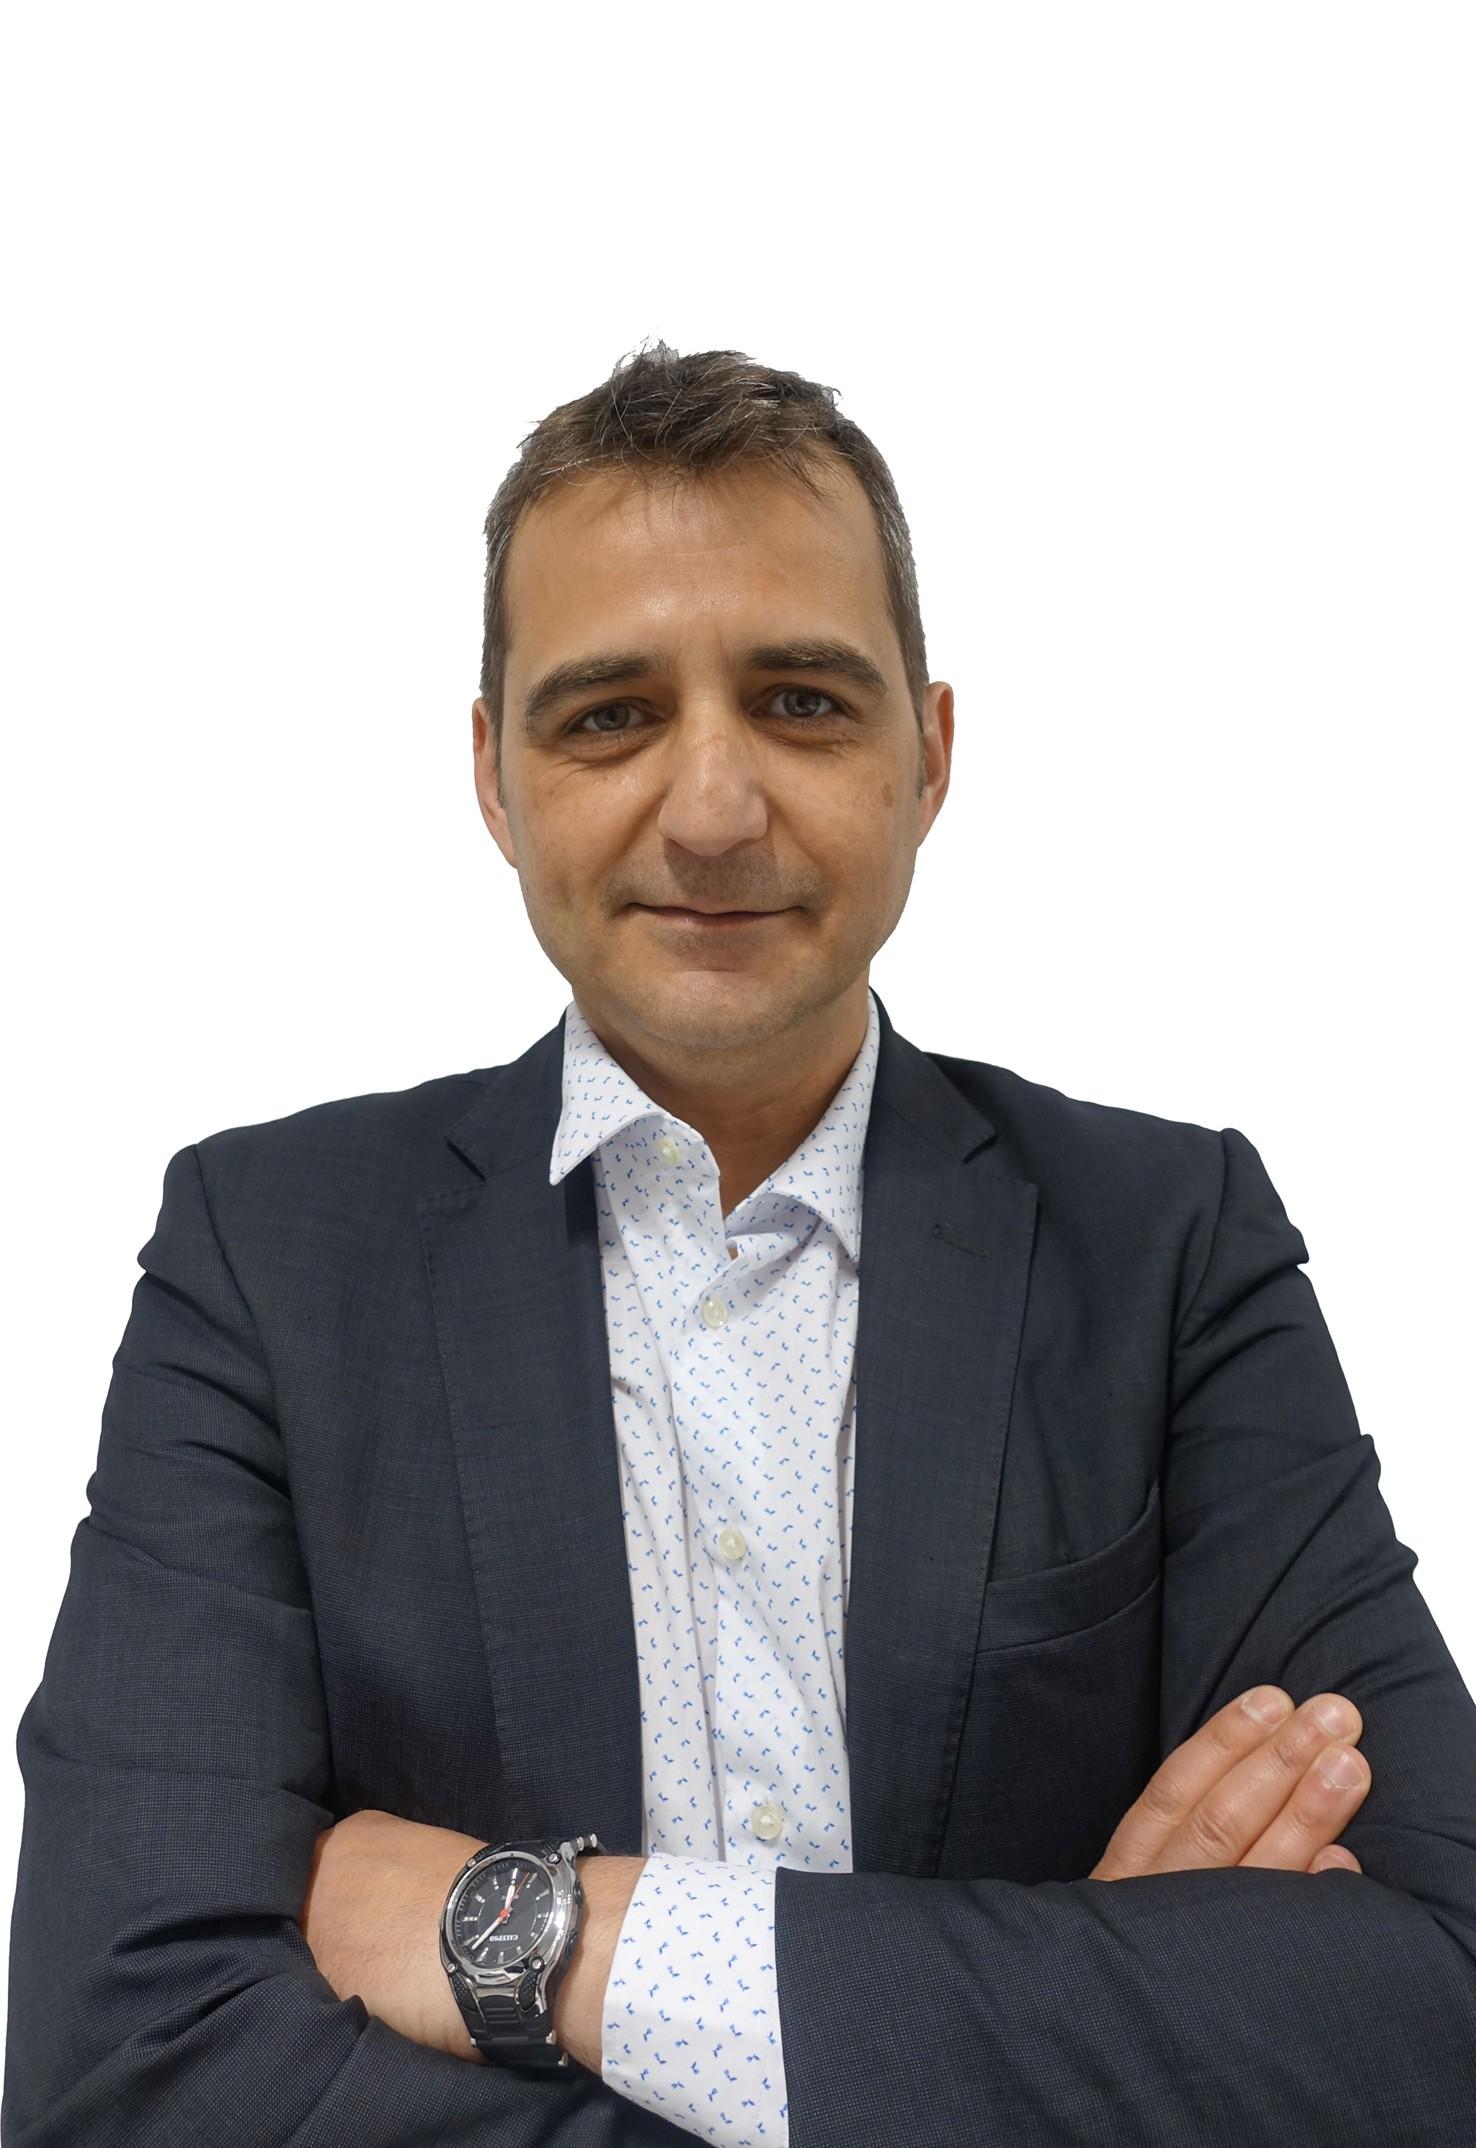 Cesar Meana